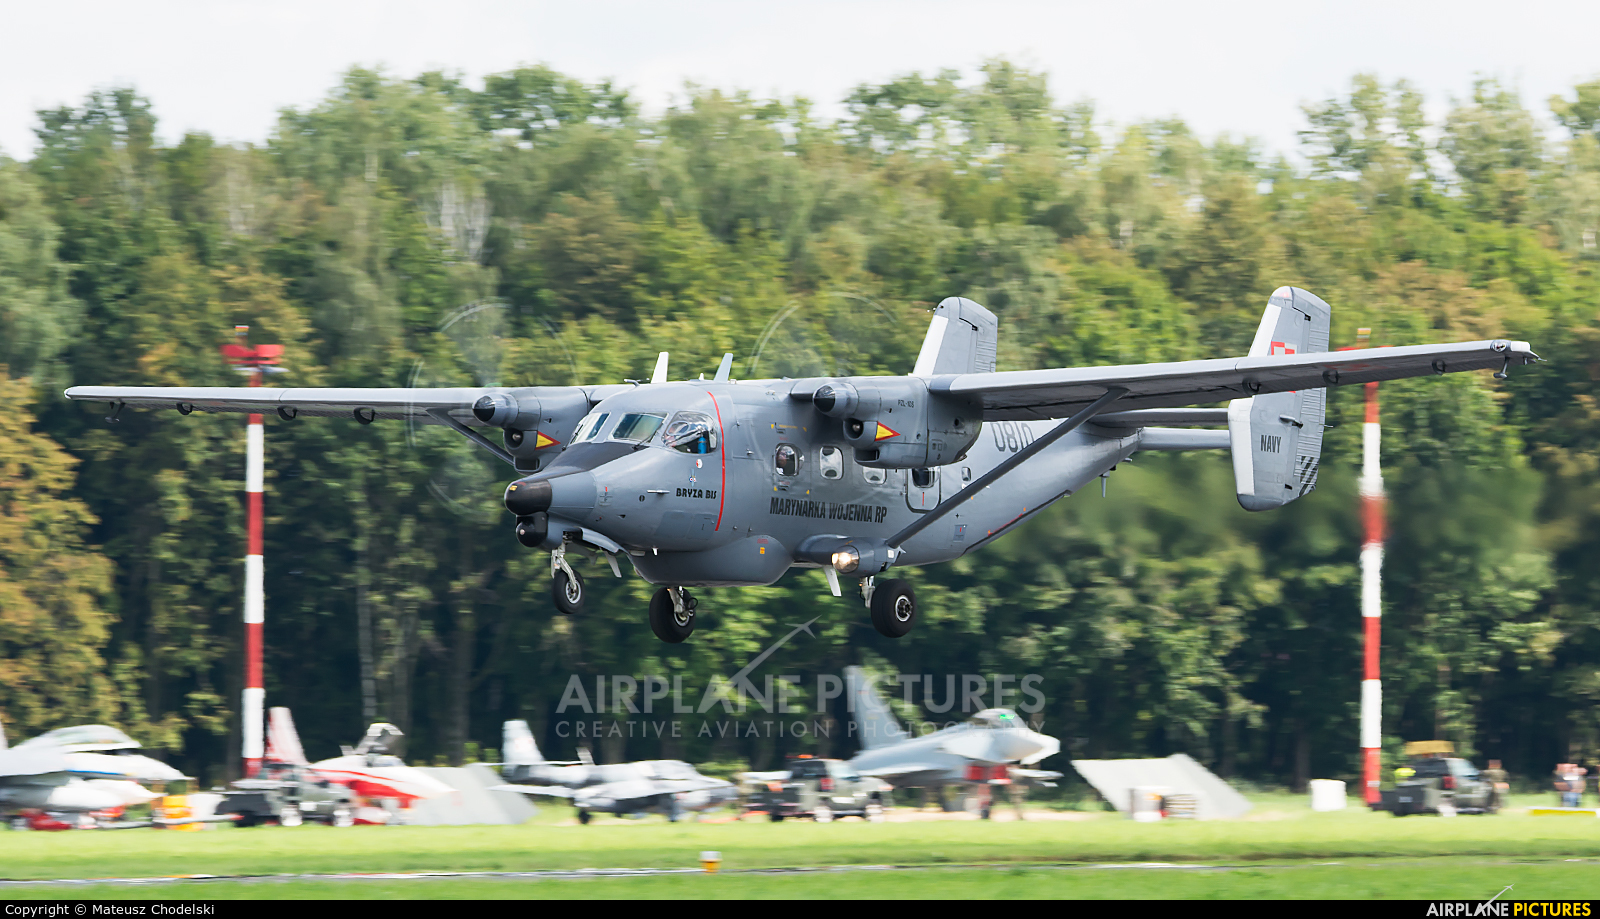 Poland - Navy 0810 aircraft at Radom - Sadków